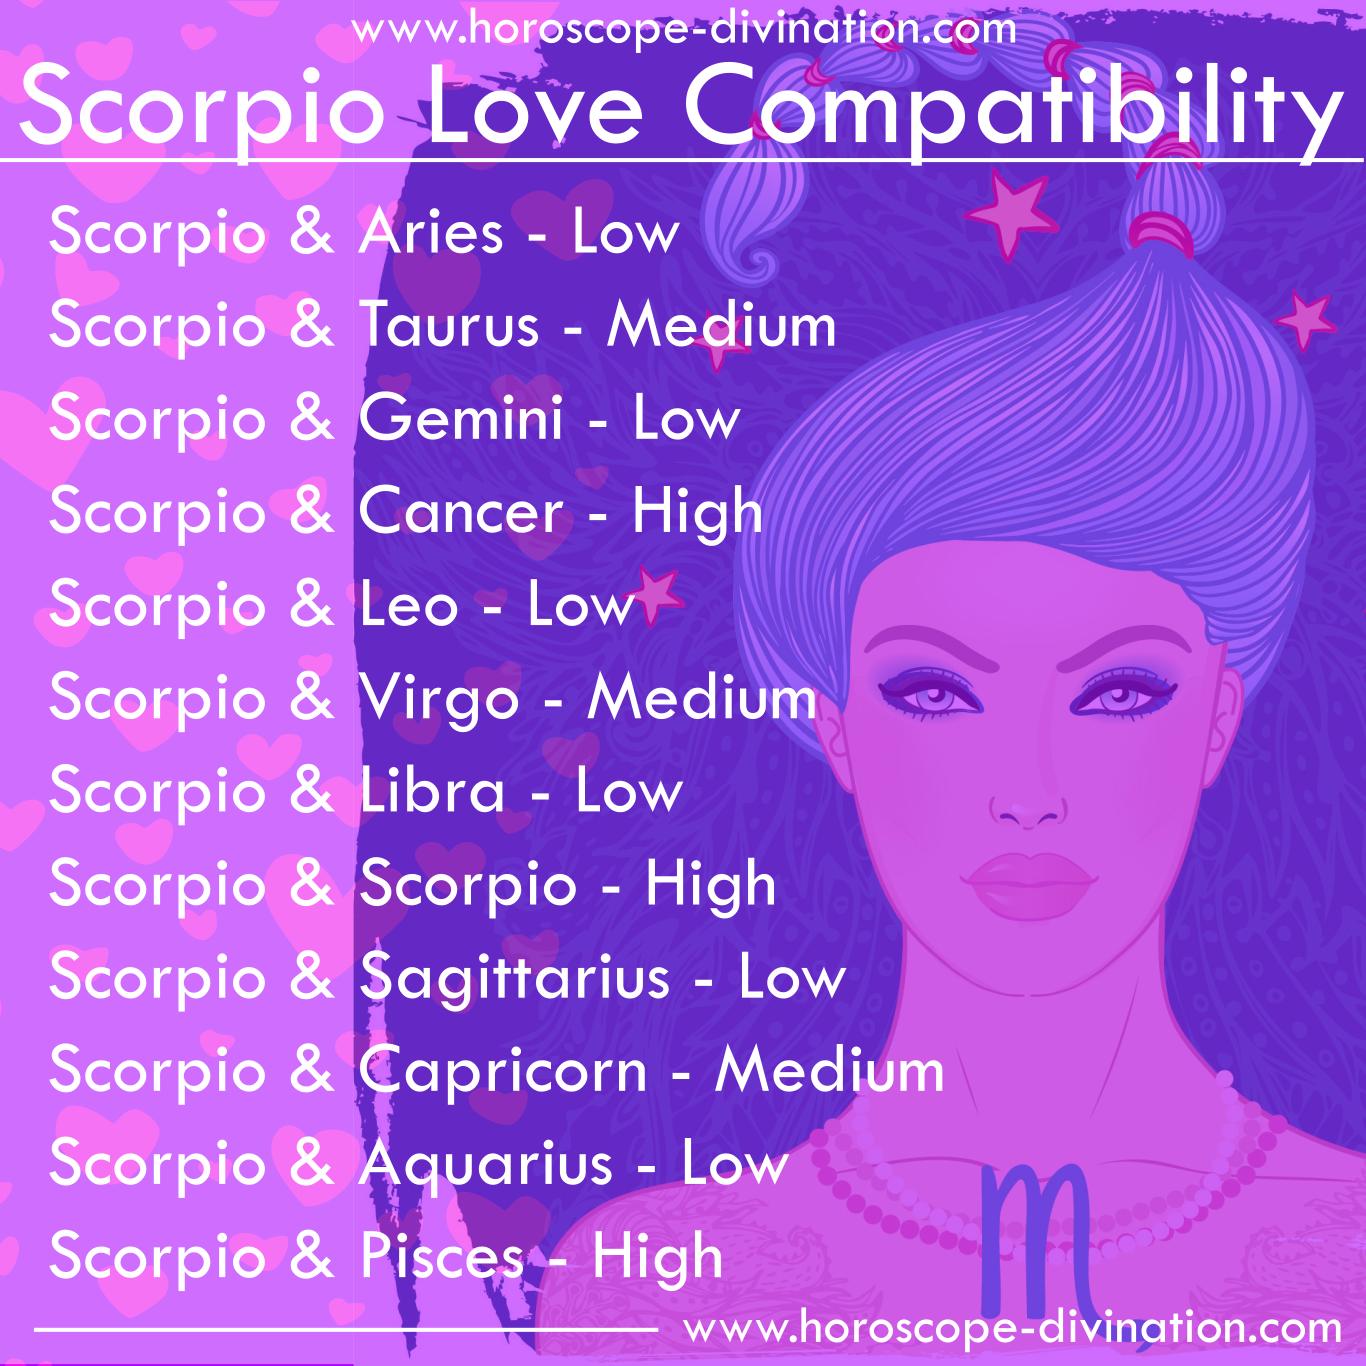 Scorpio Love Compatibility Scorpio Zodiac Memes Zodiac Signs Couples Compatible Zodiac Signs Zodiac Sign Love Compatibility